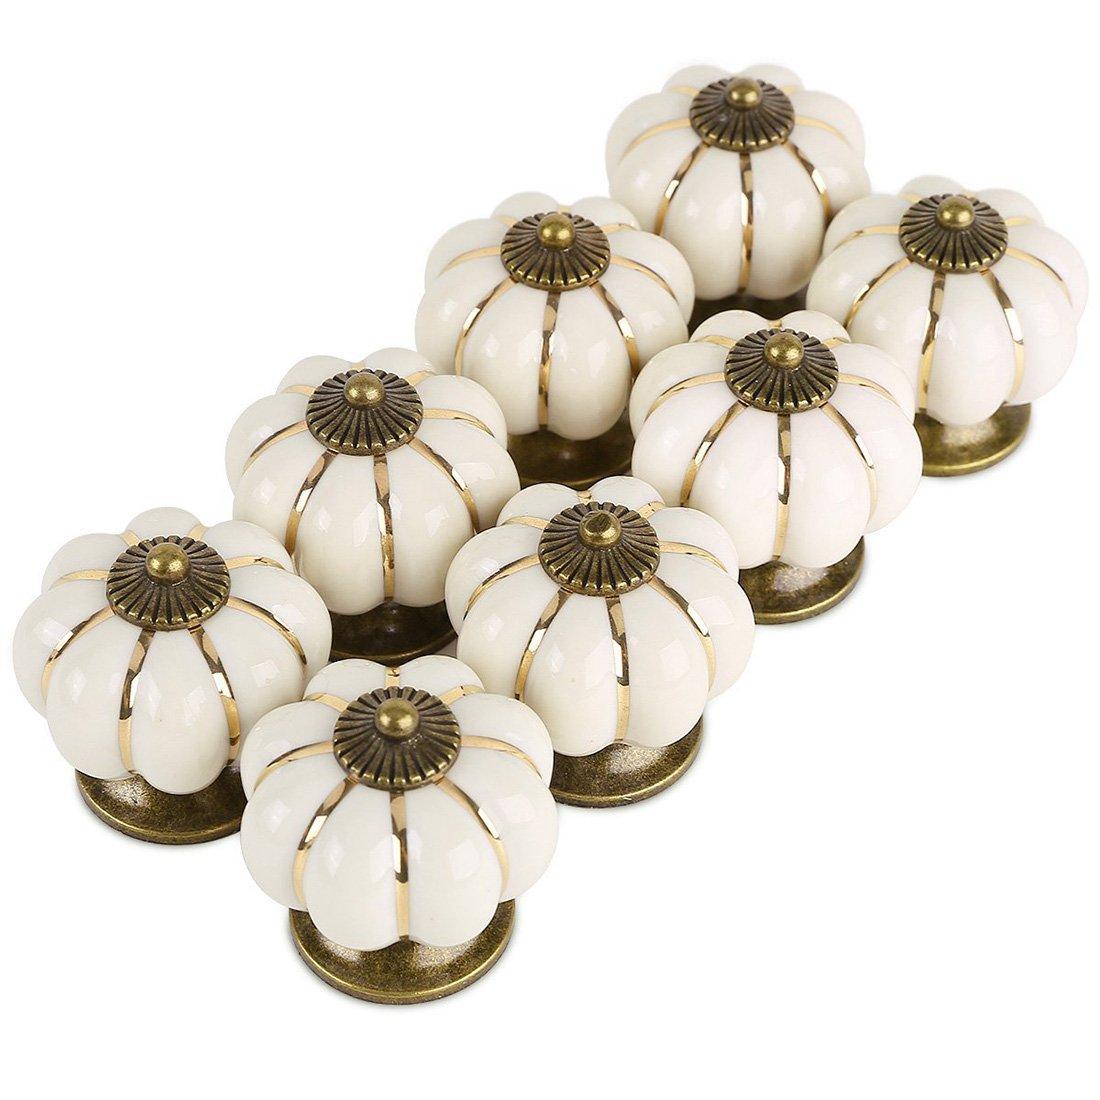 Giplar Set di 10 Pomelli Rotondi in Ceramica, Zucca a Forma di Pomello in Ceramica per Cucine, Bagni o Capannoni - 38MM